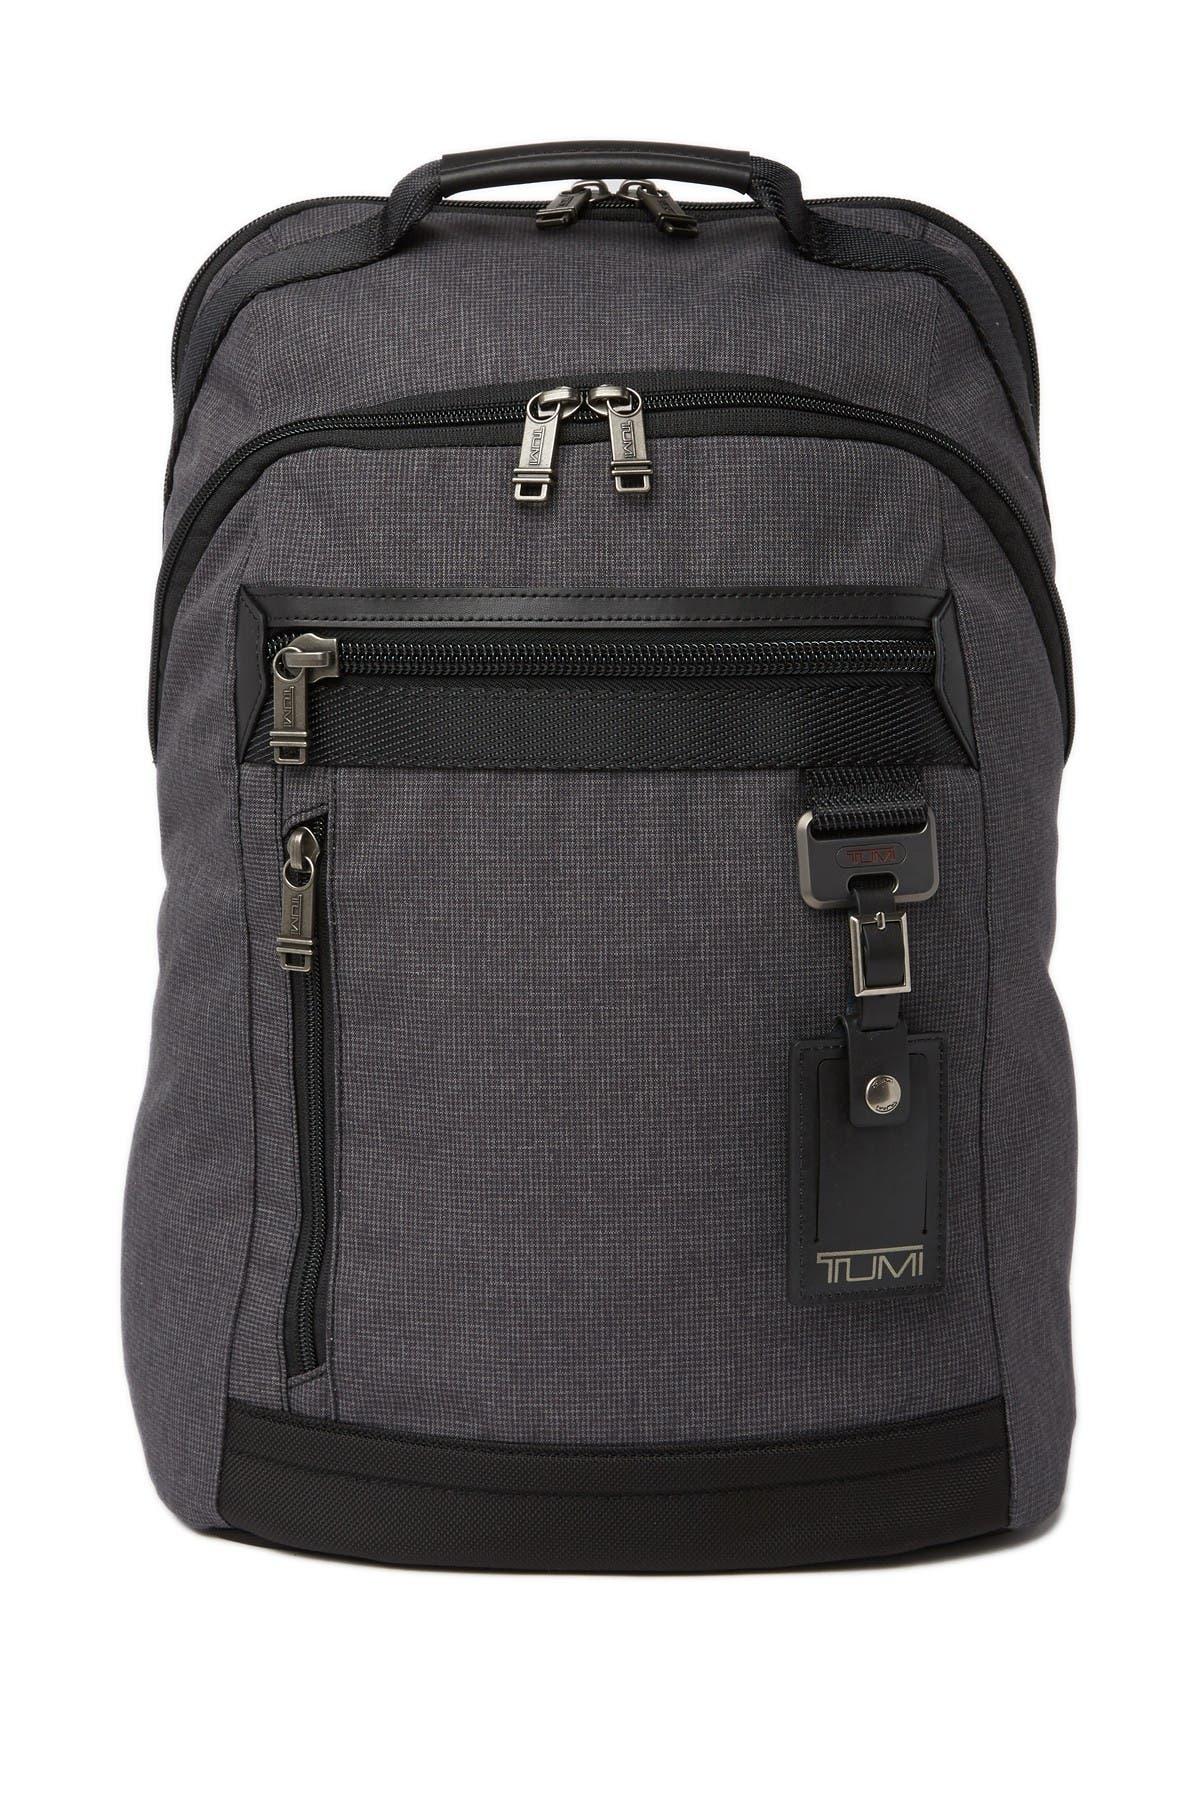 Image of Tumi Bertona Backpack